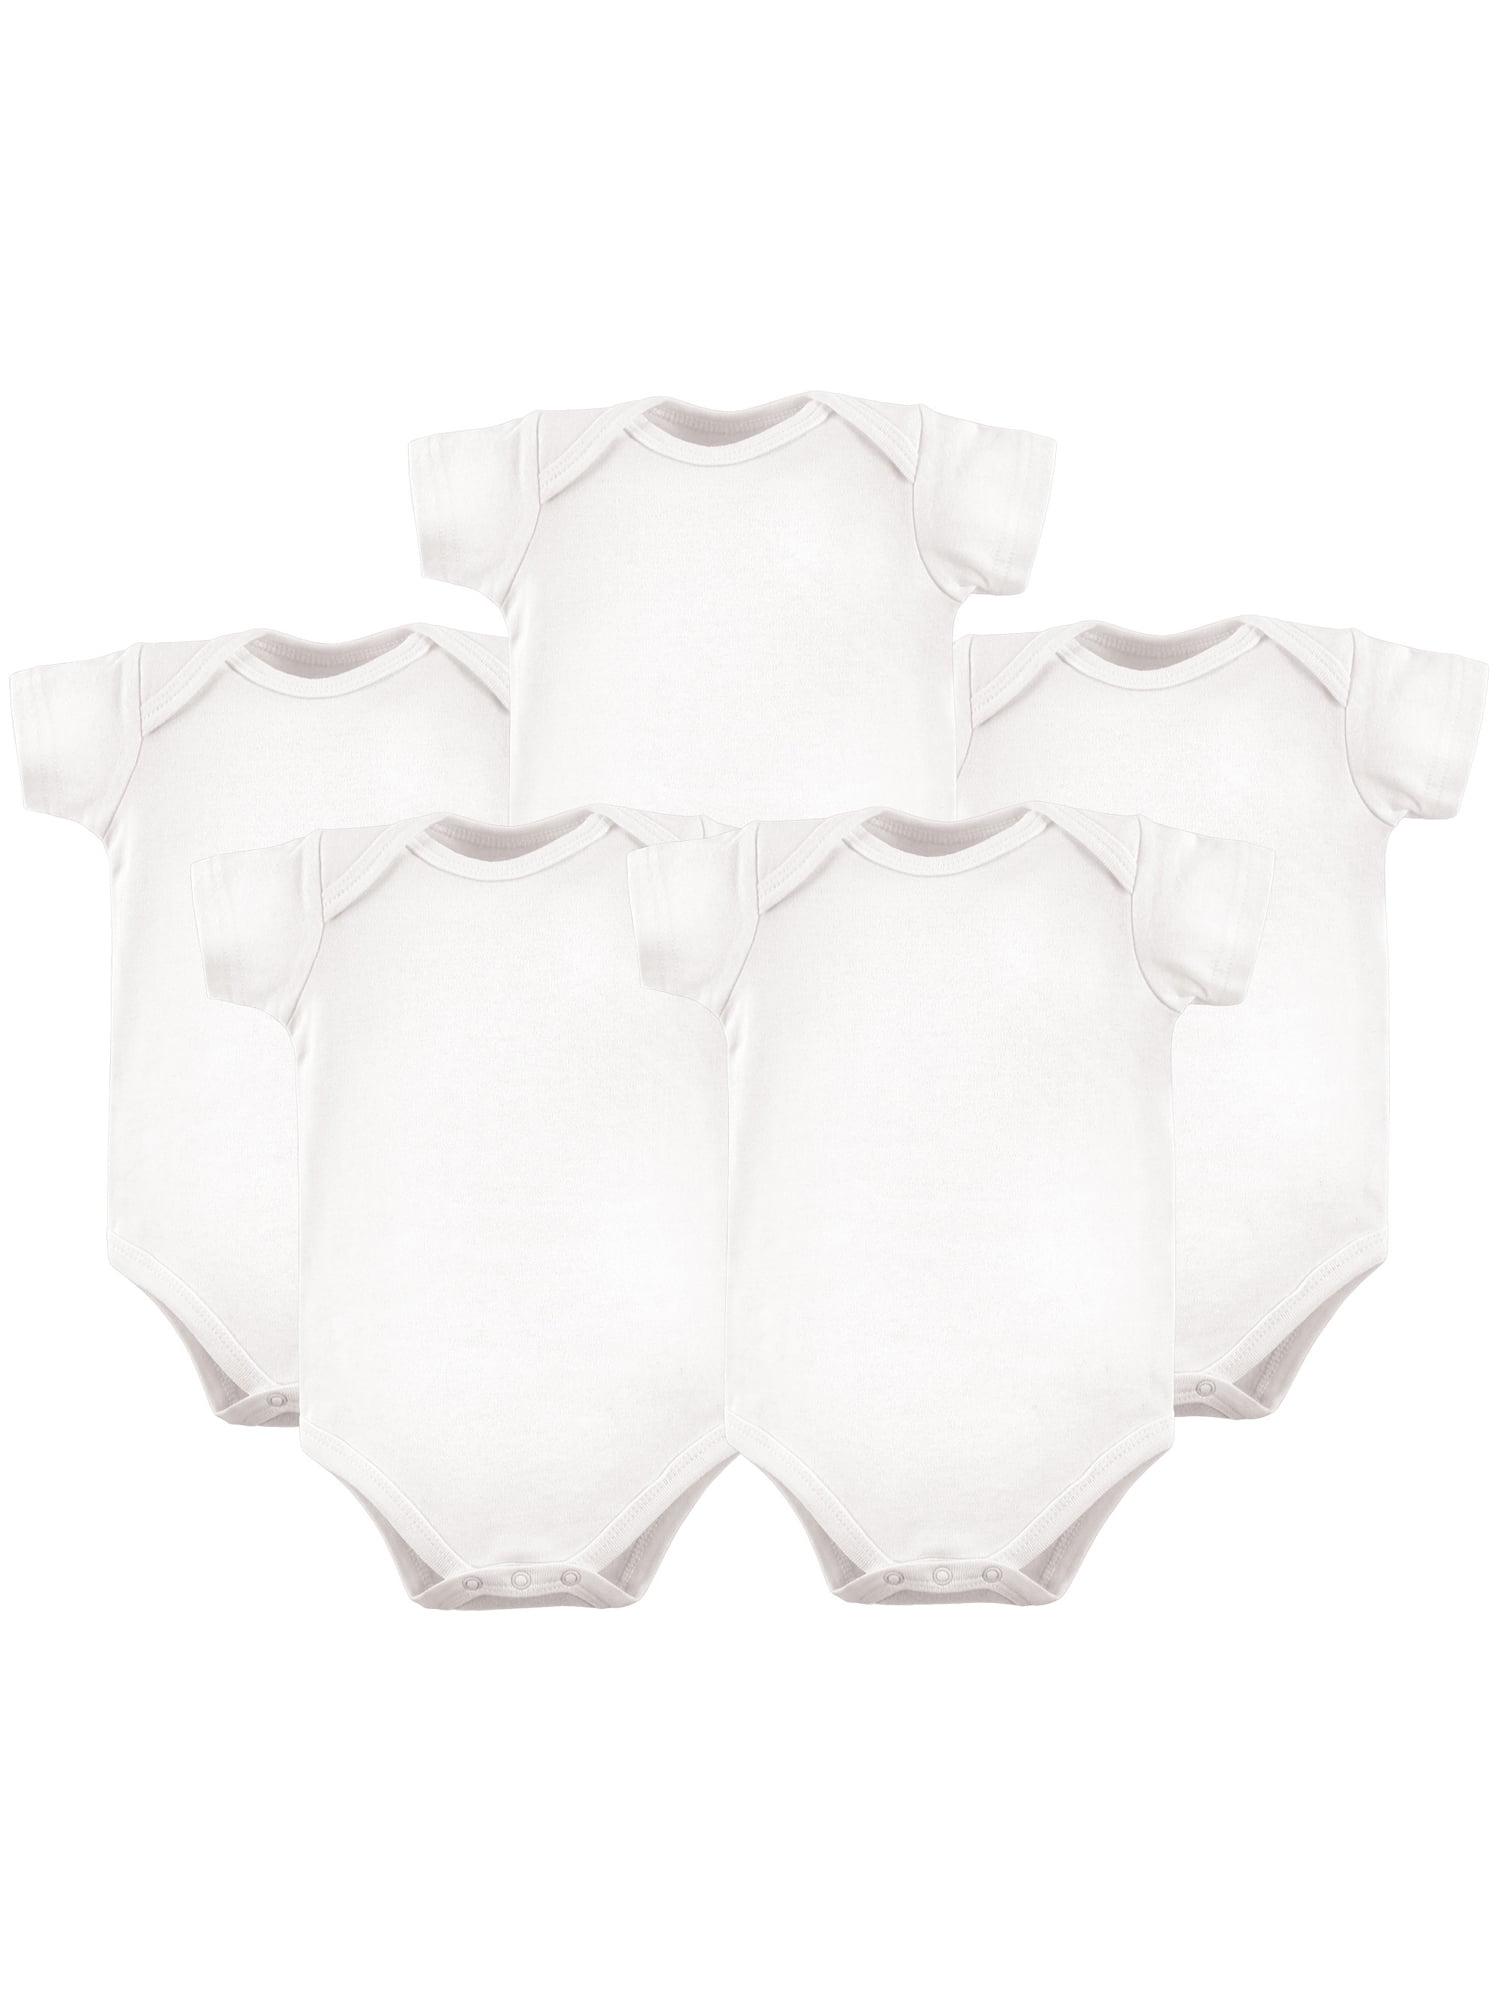 Baby Boy or Girl Unisex White Short Sleeve Bodysuits, 5-pack